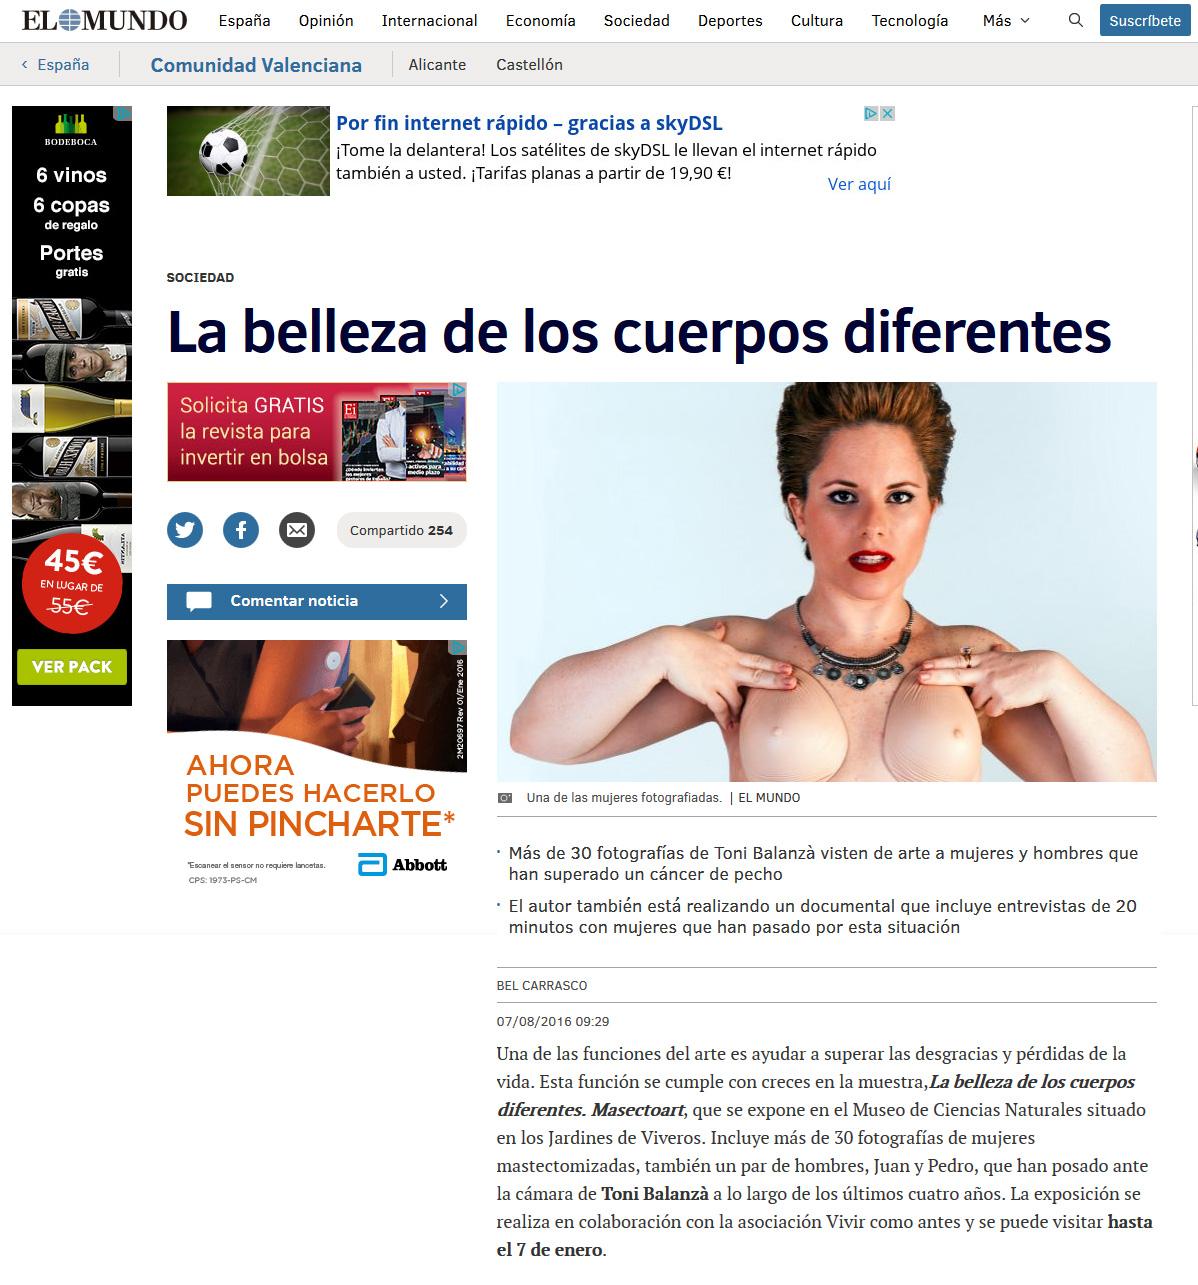 exposición mastectoart mujeres hombres mastectomizados por cáncer de mama en el mundo